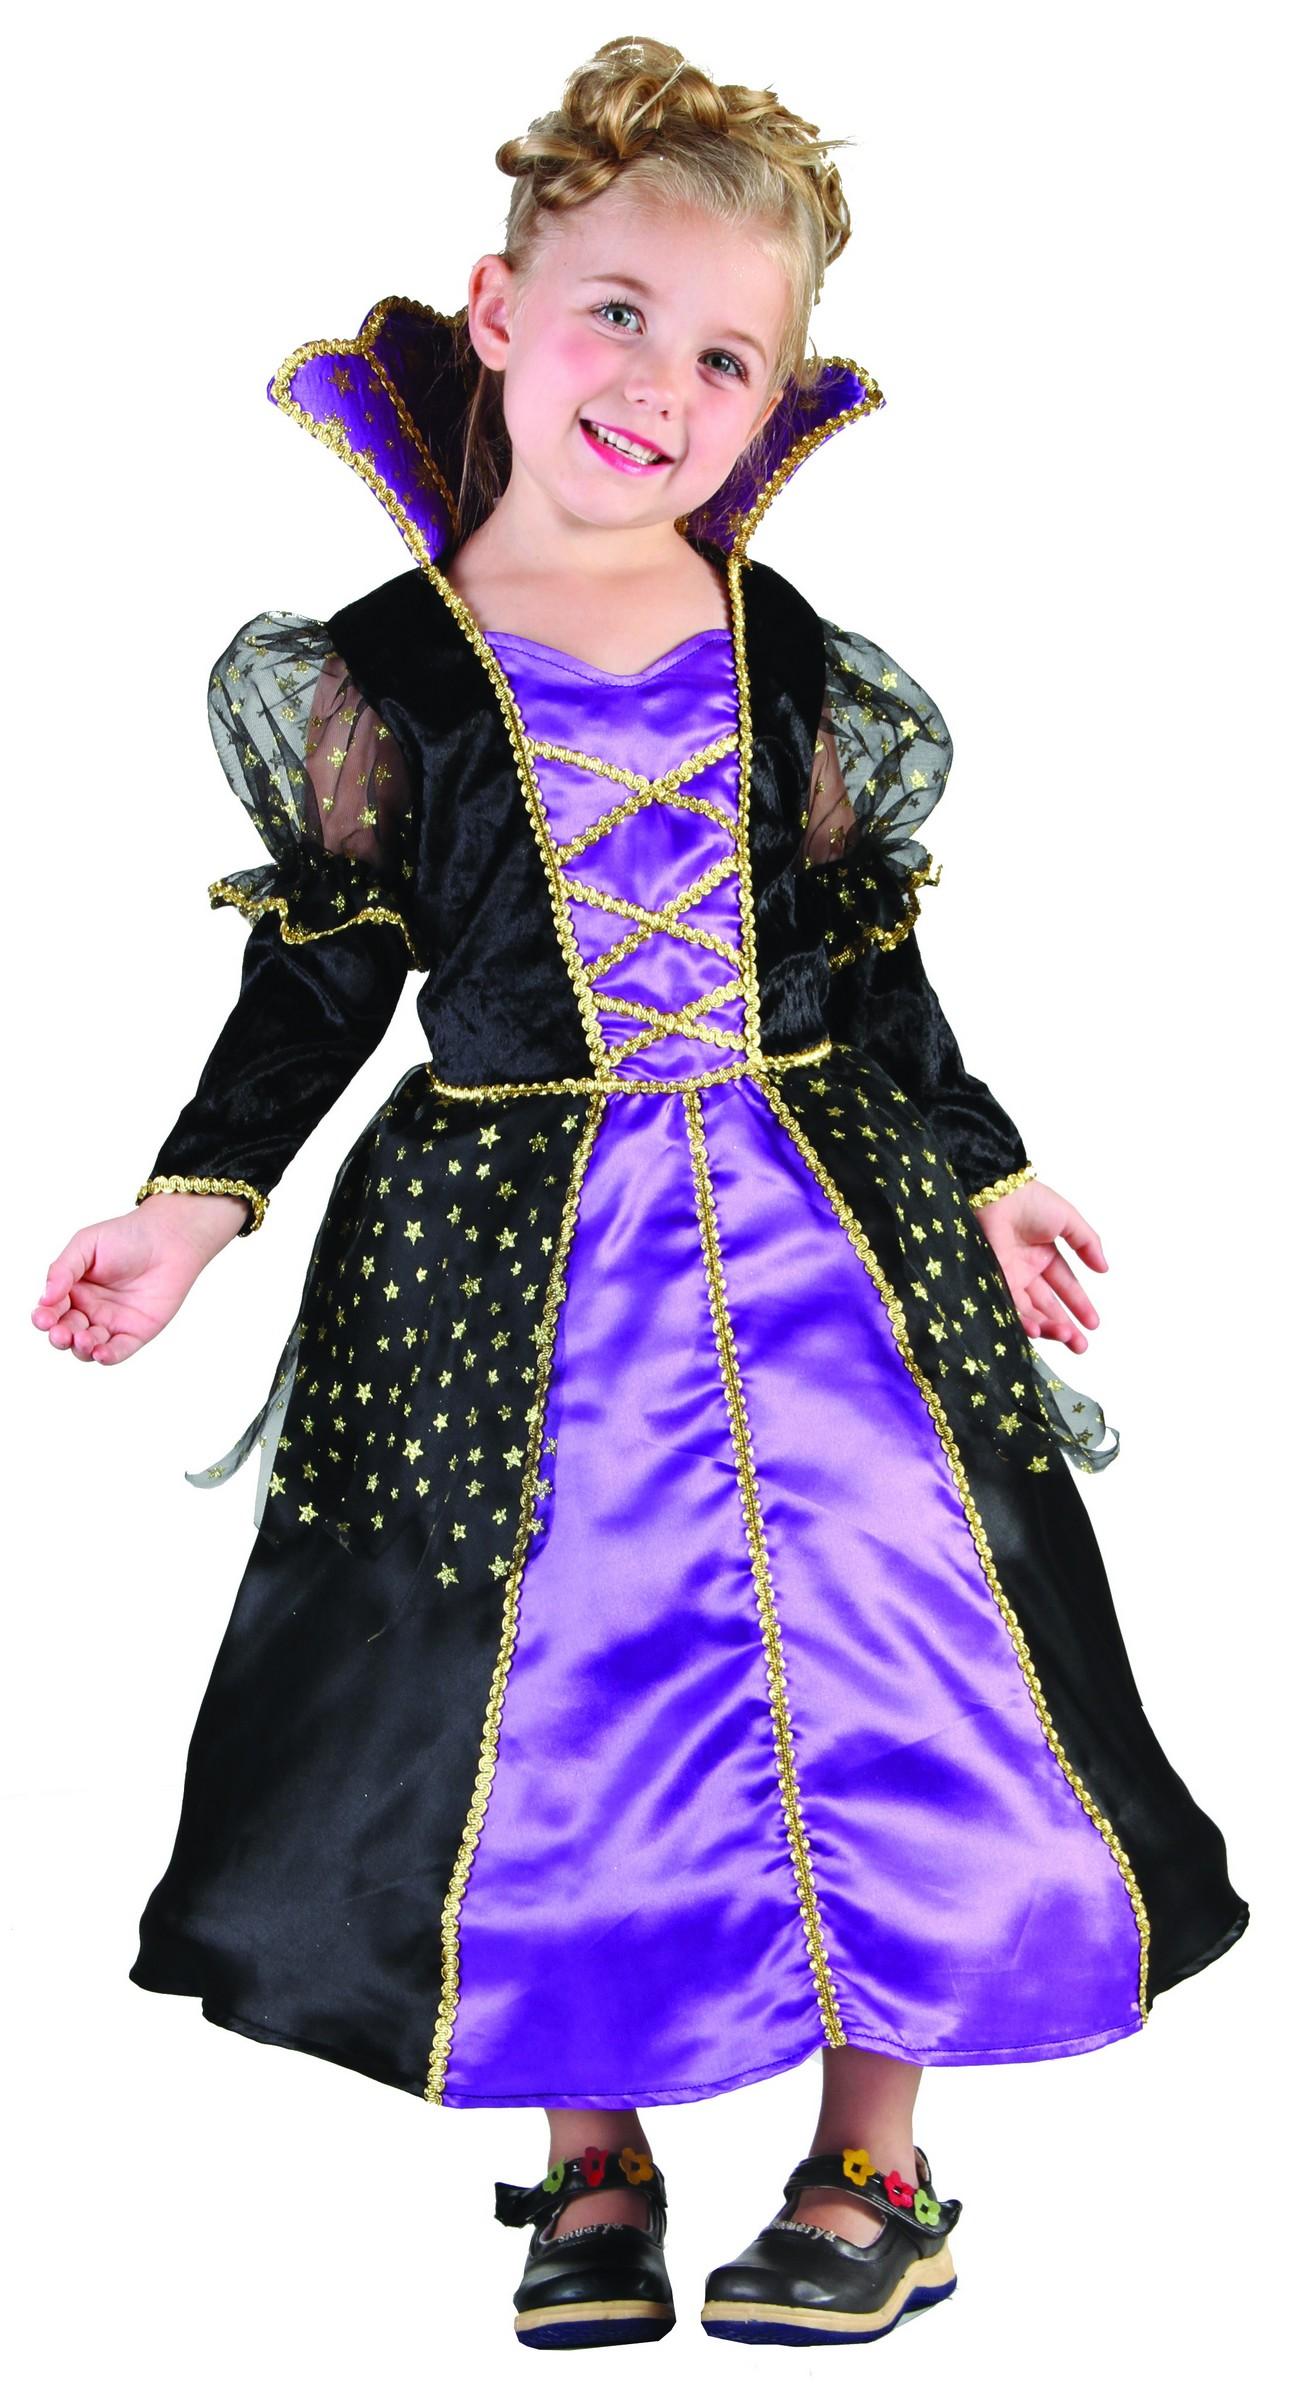 d guisement princesse magicienne fille d coration anniversaire et f tes th me sur vegaoo party. Black Bedroom Furniture Sets. Home Design Ideas